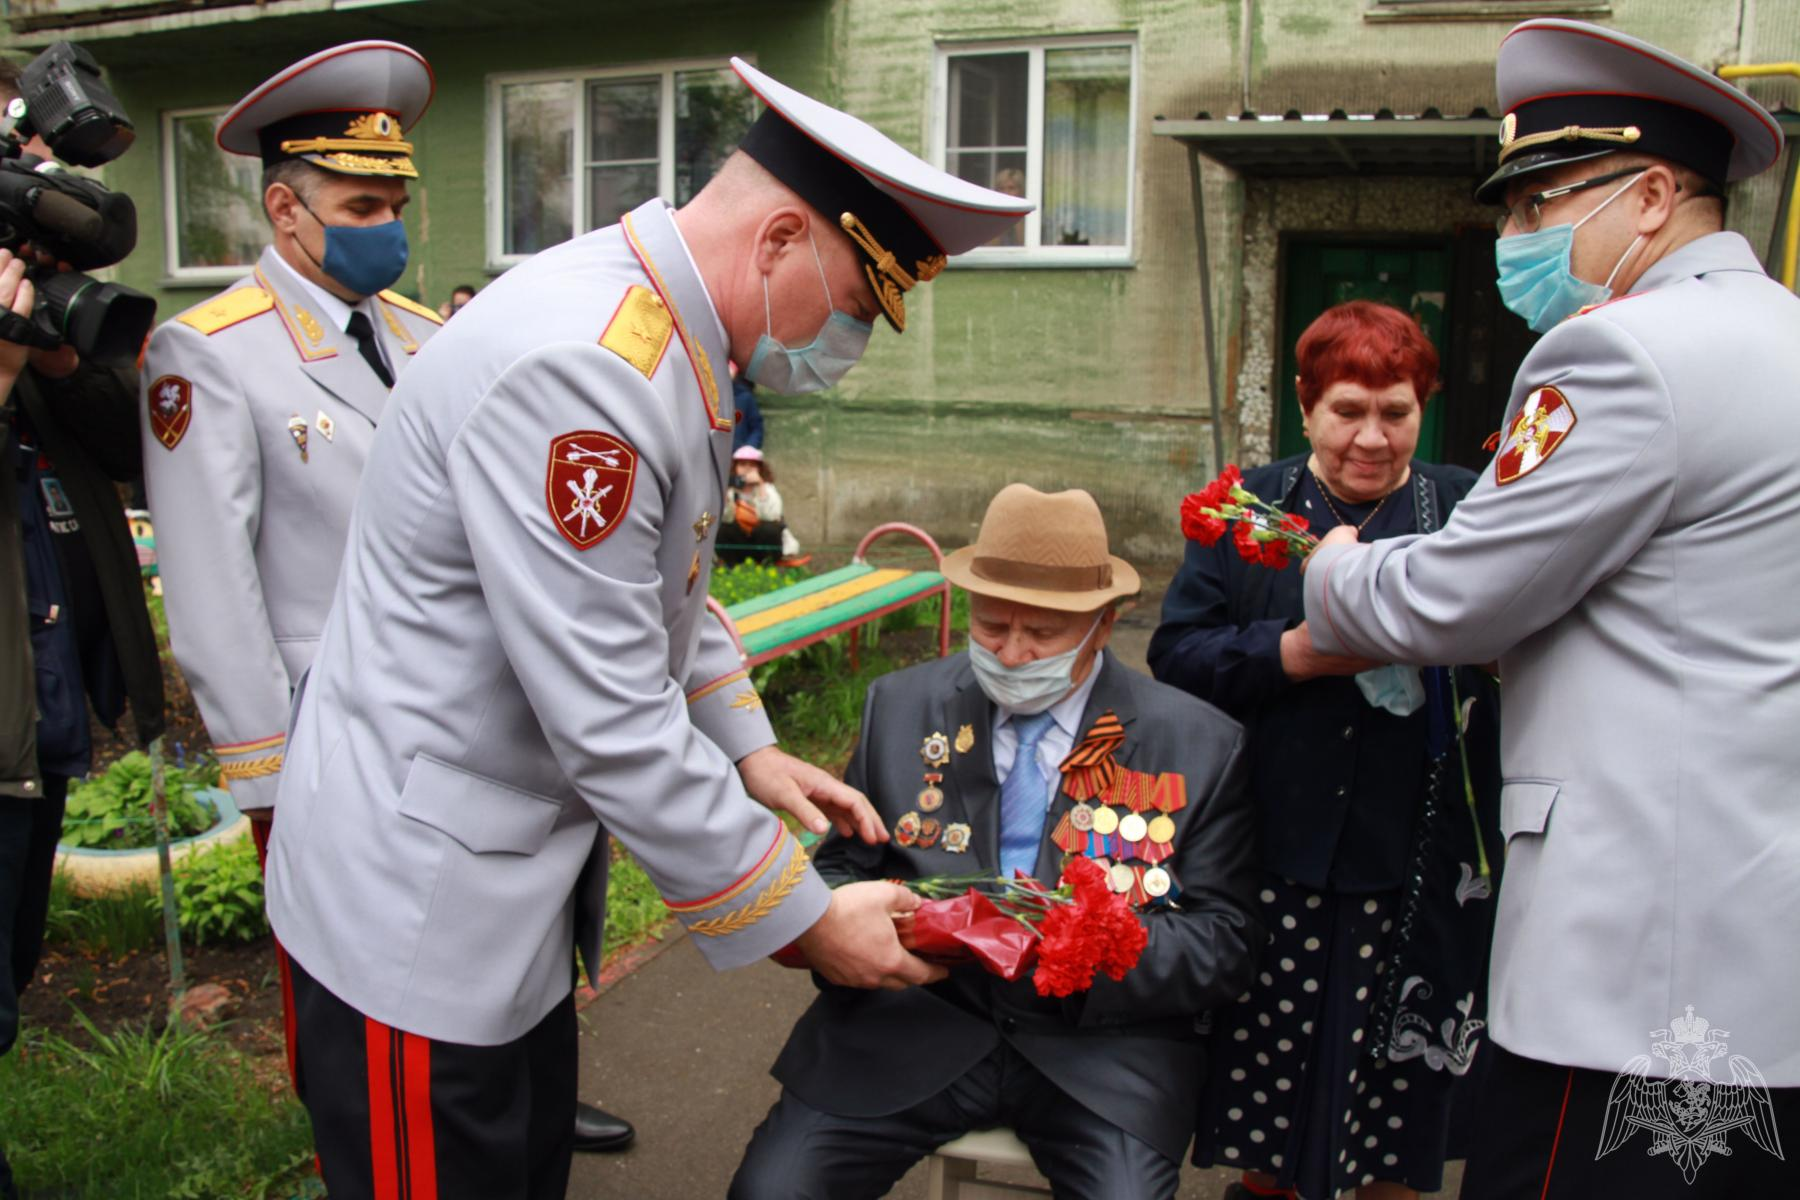 Фото Росгвардейцы устроили парад у подъездов ветеранов в Новосибирске 4